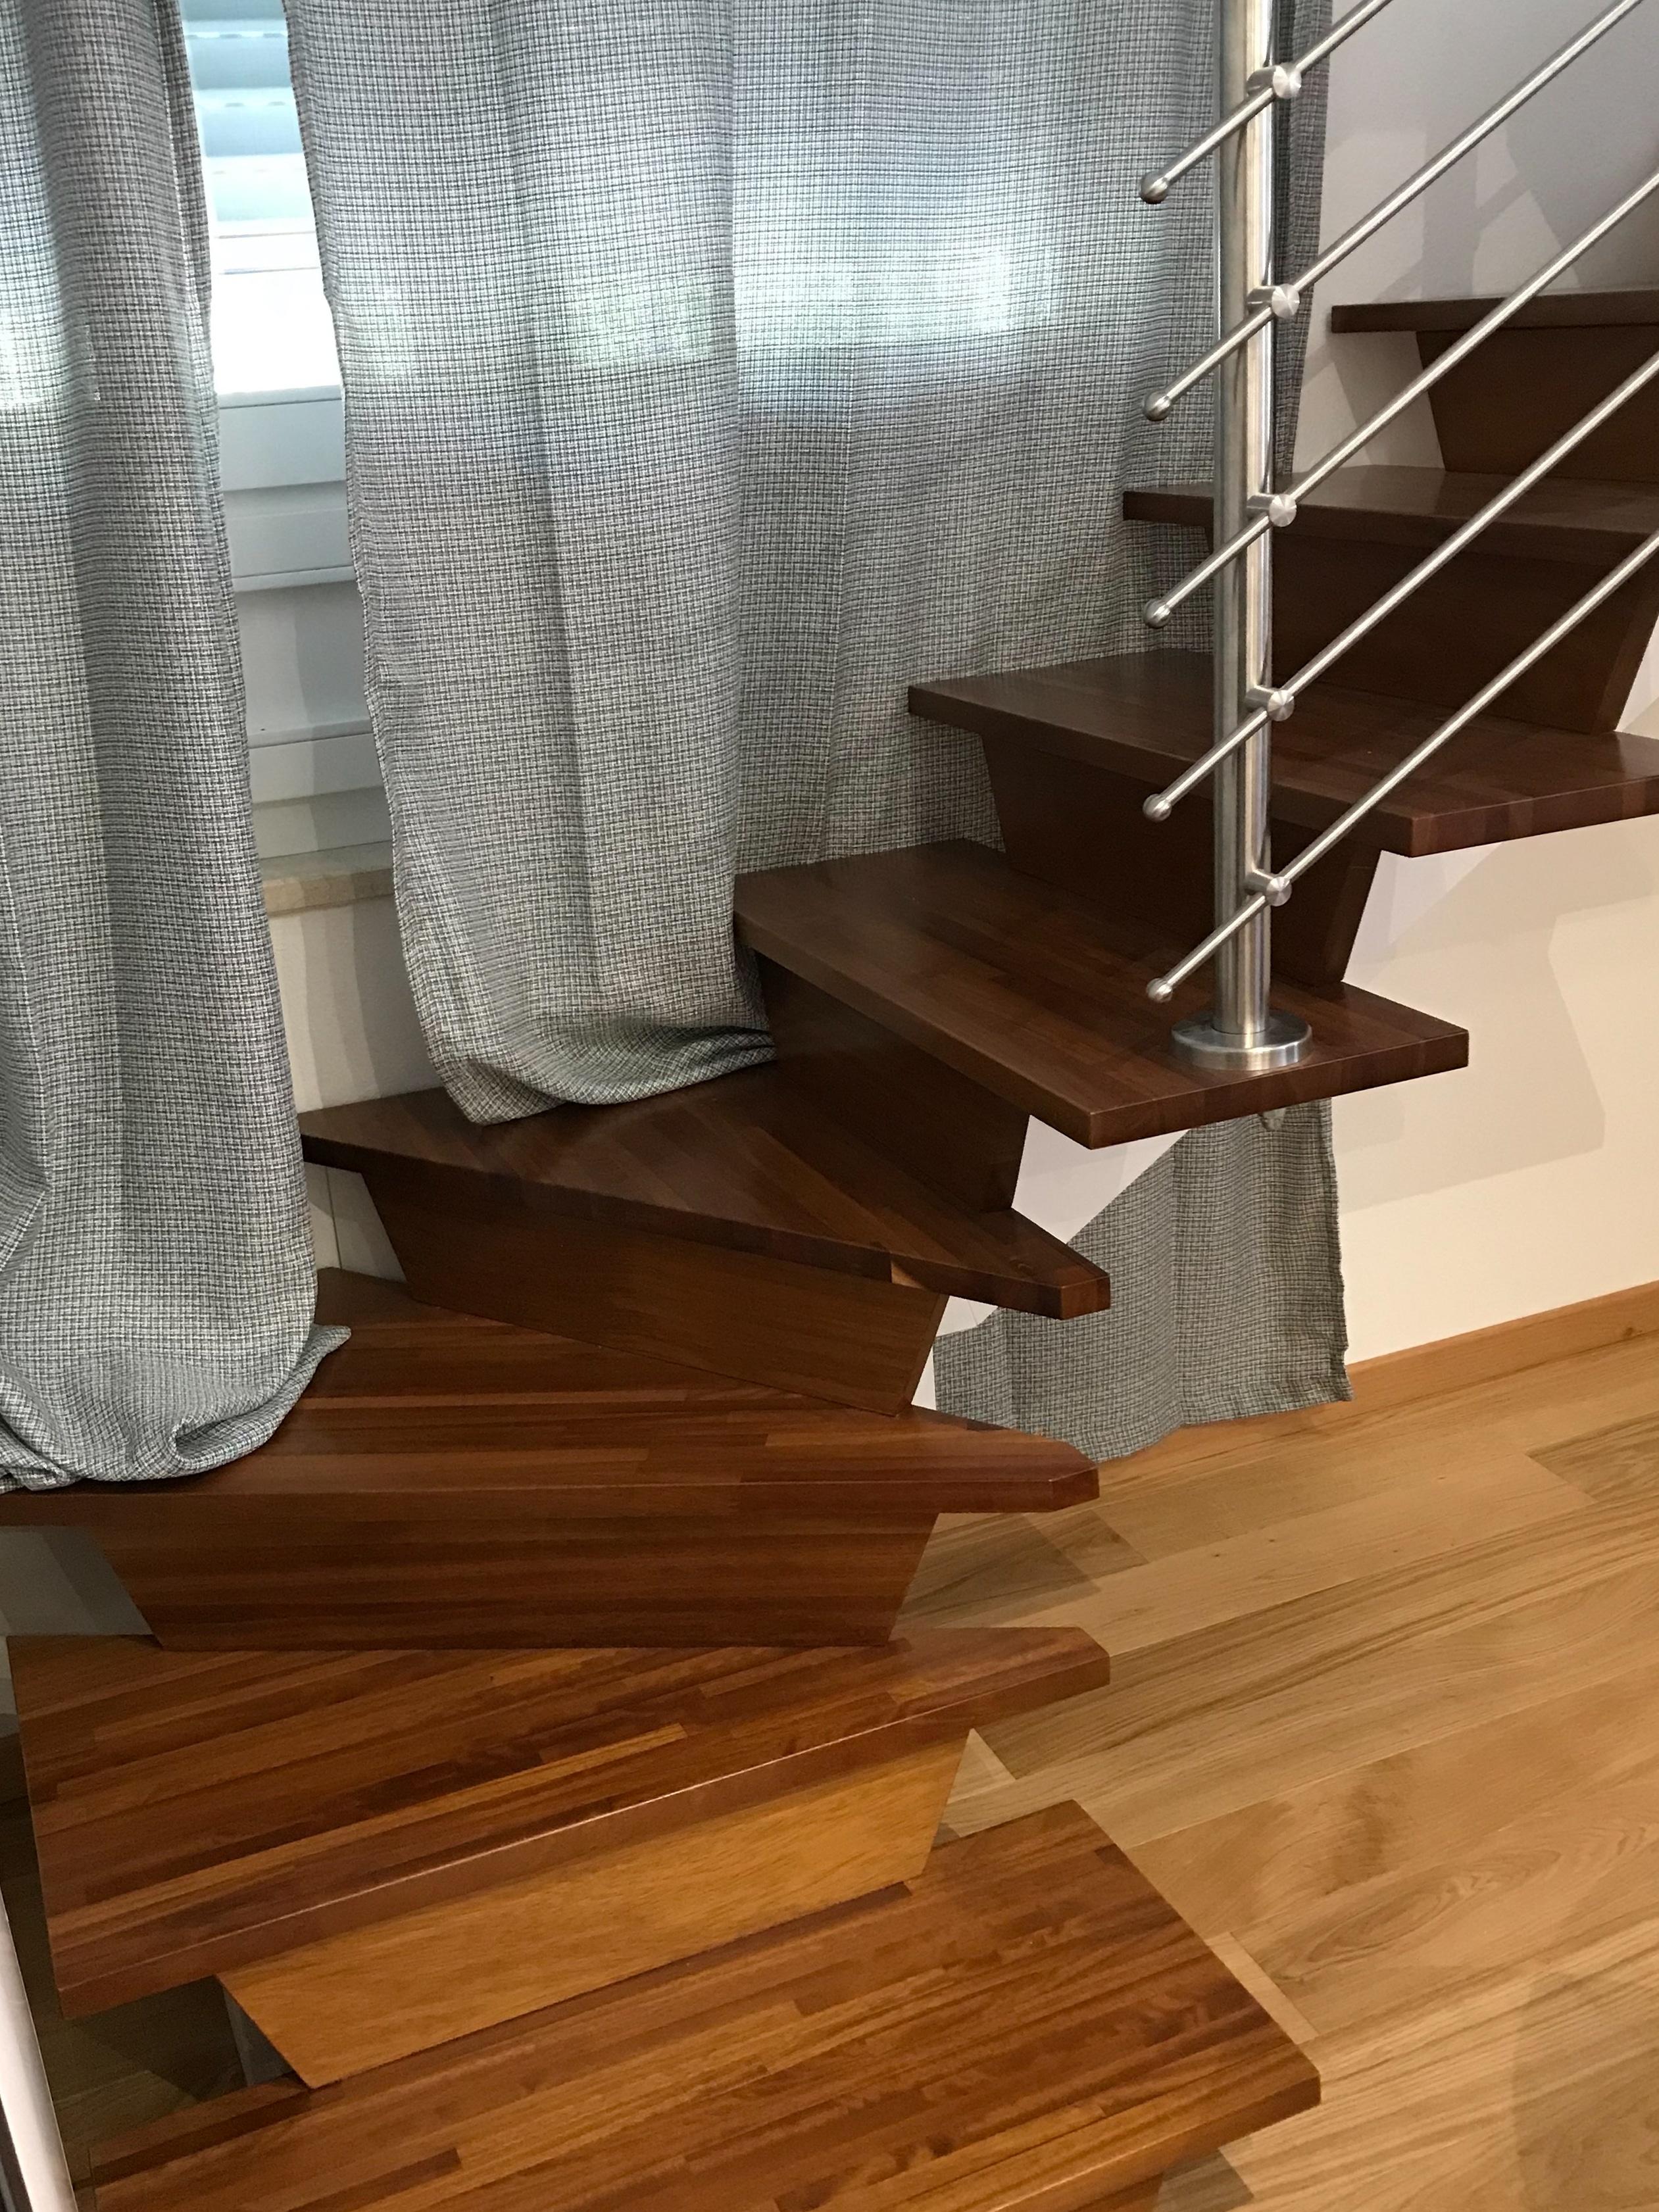 Scala portante in legno iroko con abbinamento ringhiera acciaio inox